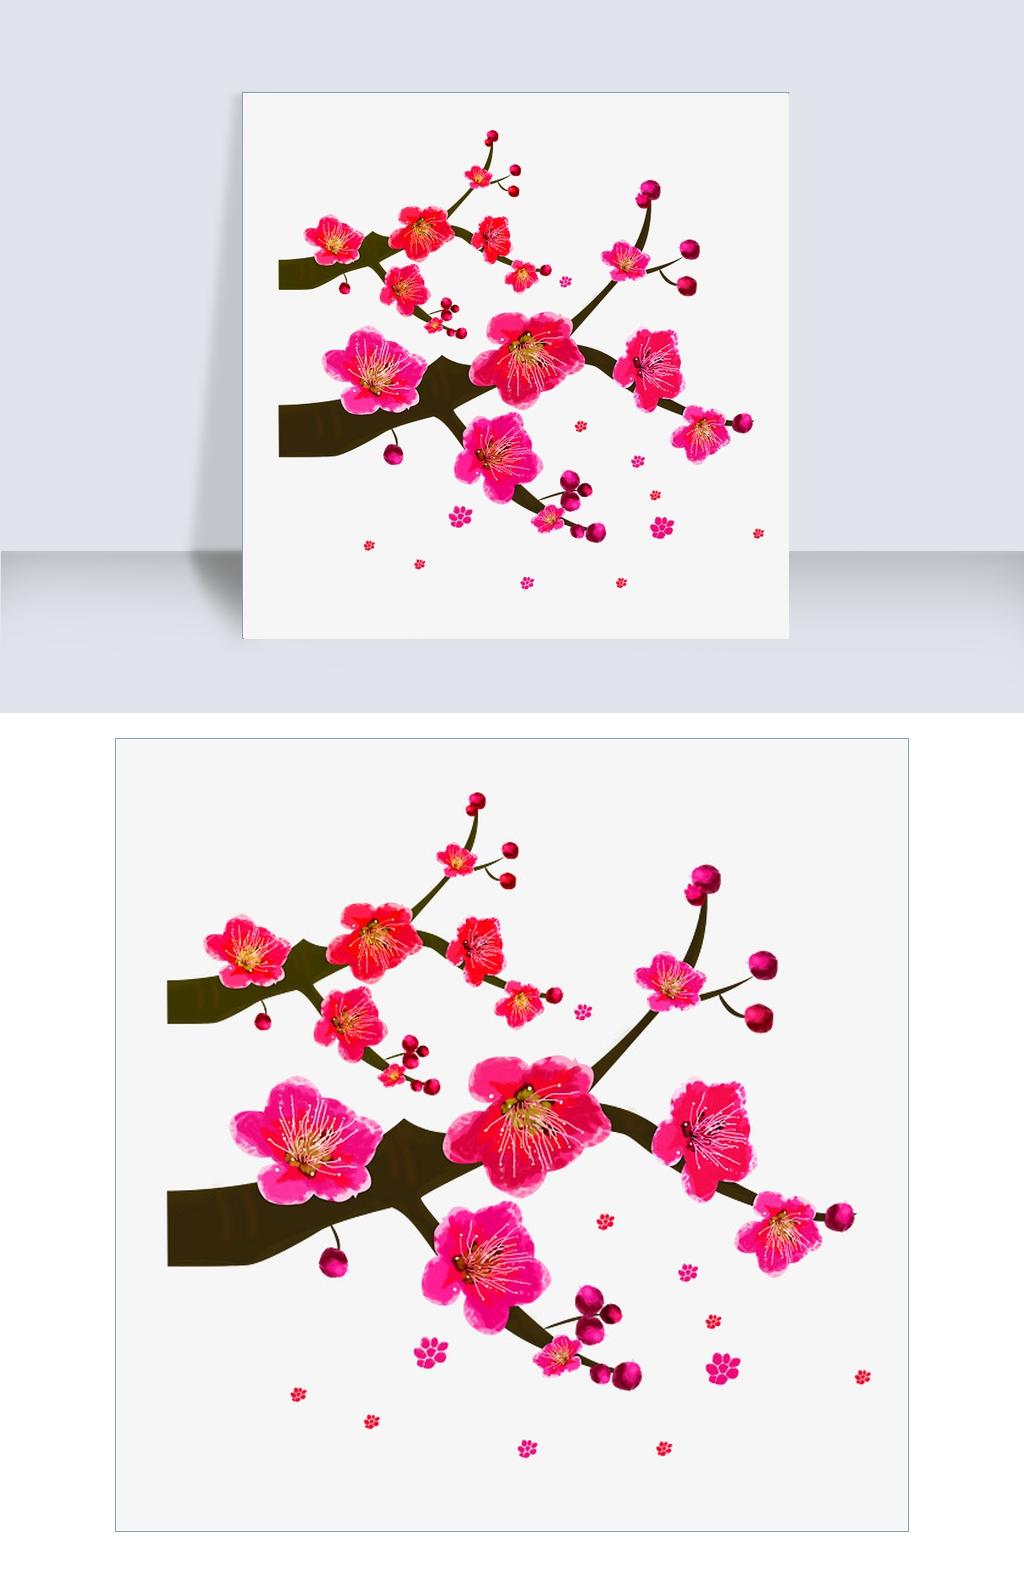 国风水墨飘舞的梅花图片素材 PSB格式 下载 动漫人物大全图片